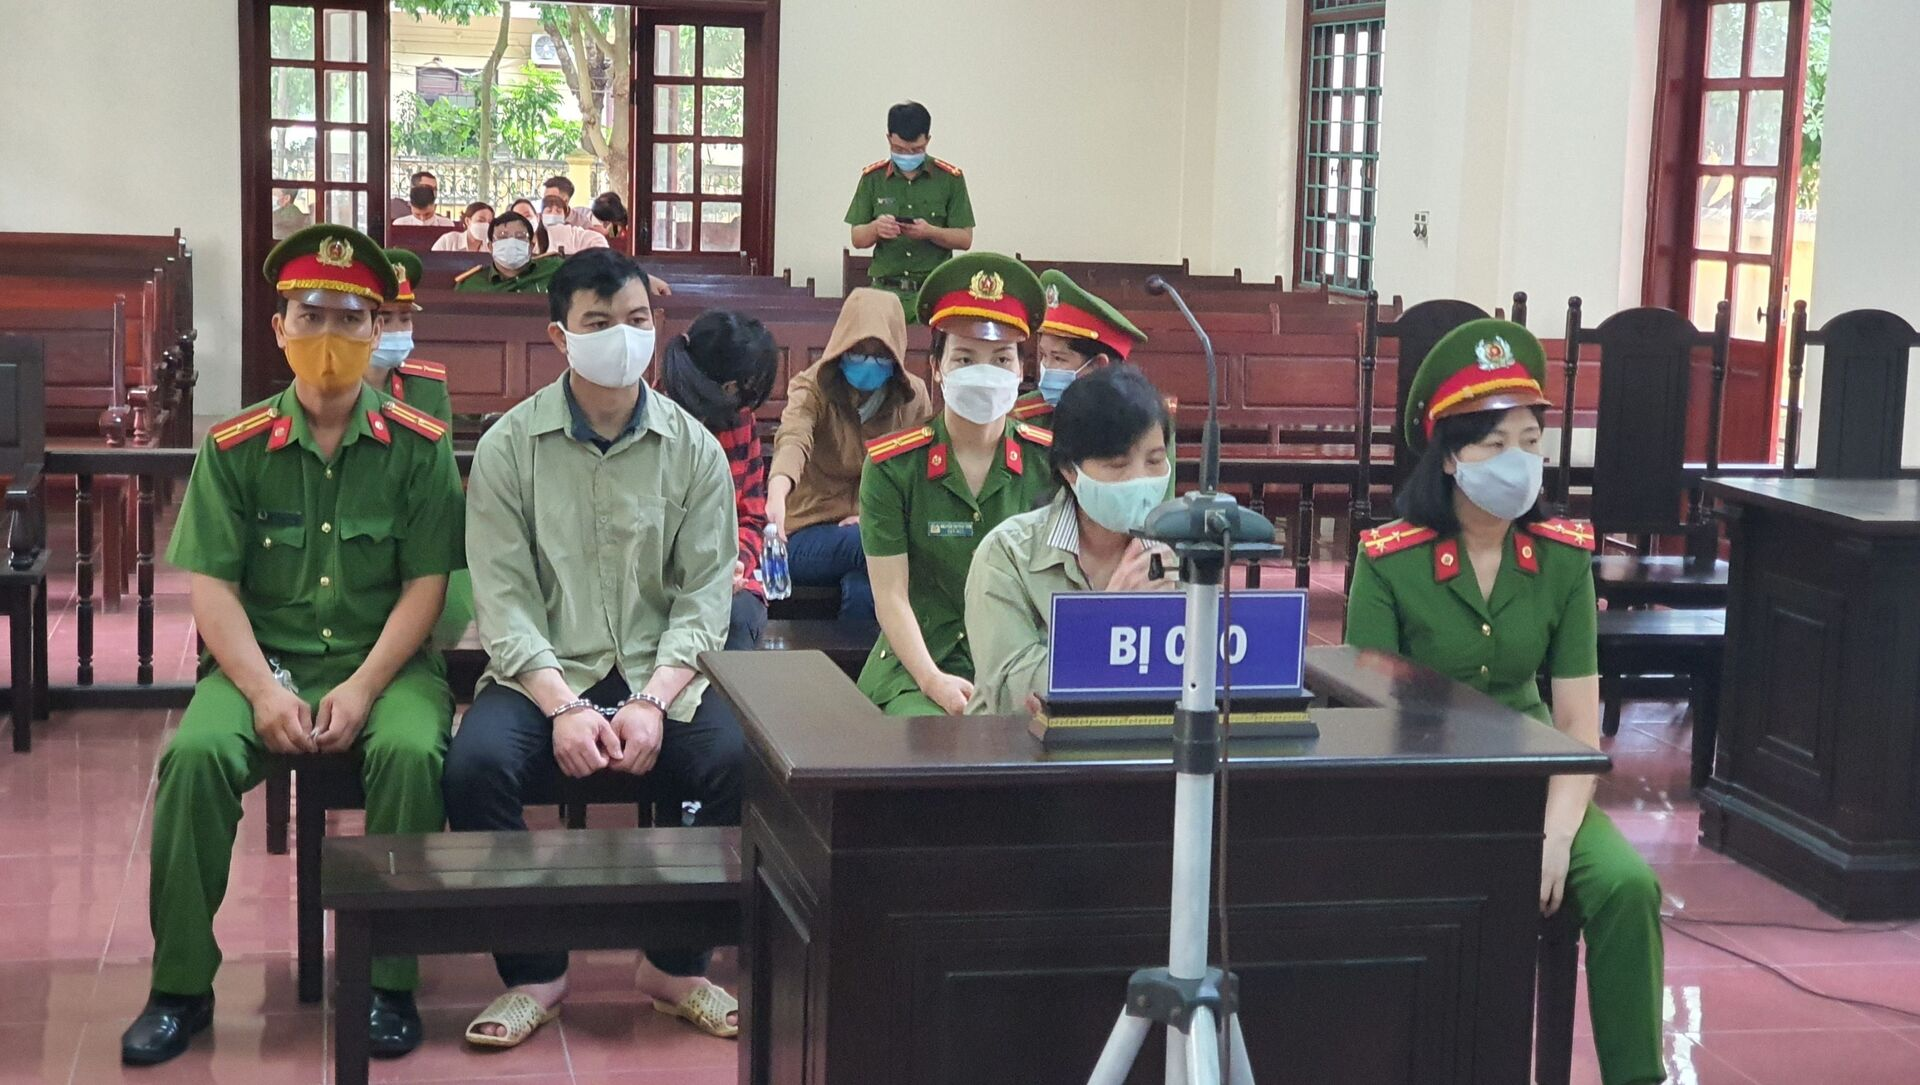 Tòa án Nhân dân tỉnh Vĩnh Phúc xét xử các cựu cán bộ Thanh tra Bộ Xây dựng. - Sputnik Việt Nam, 1920, 01.09.2021